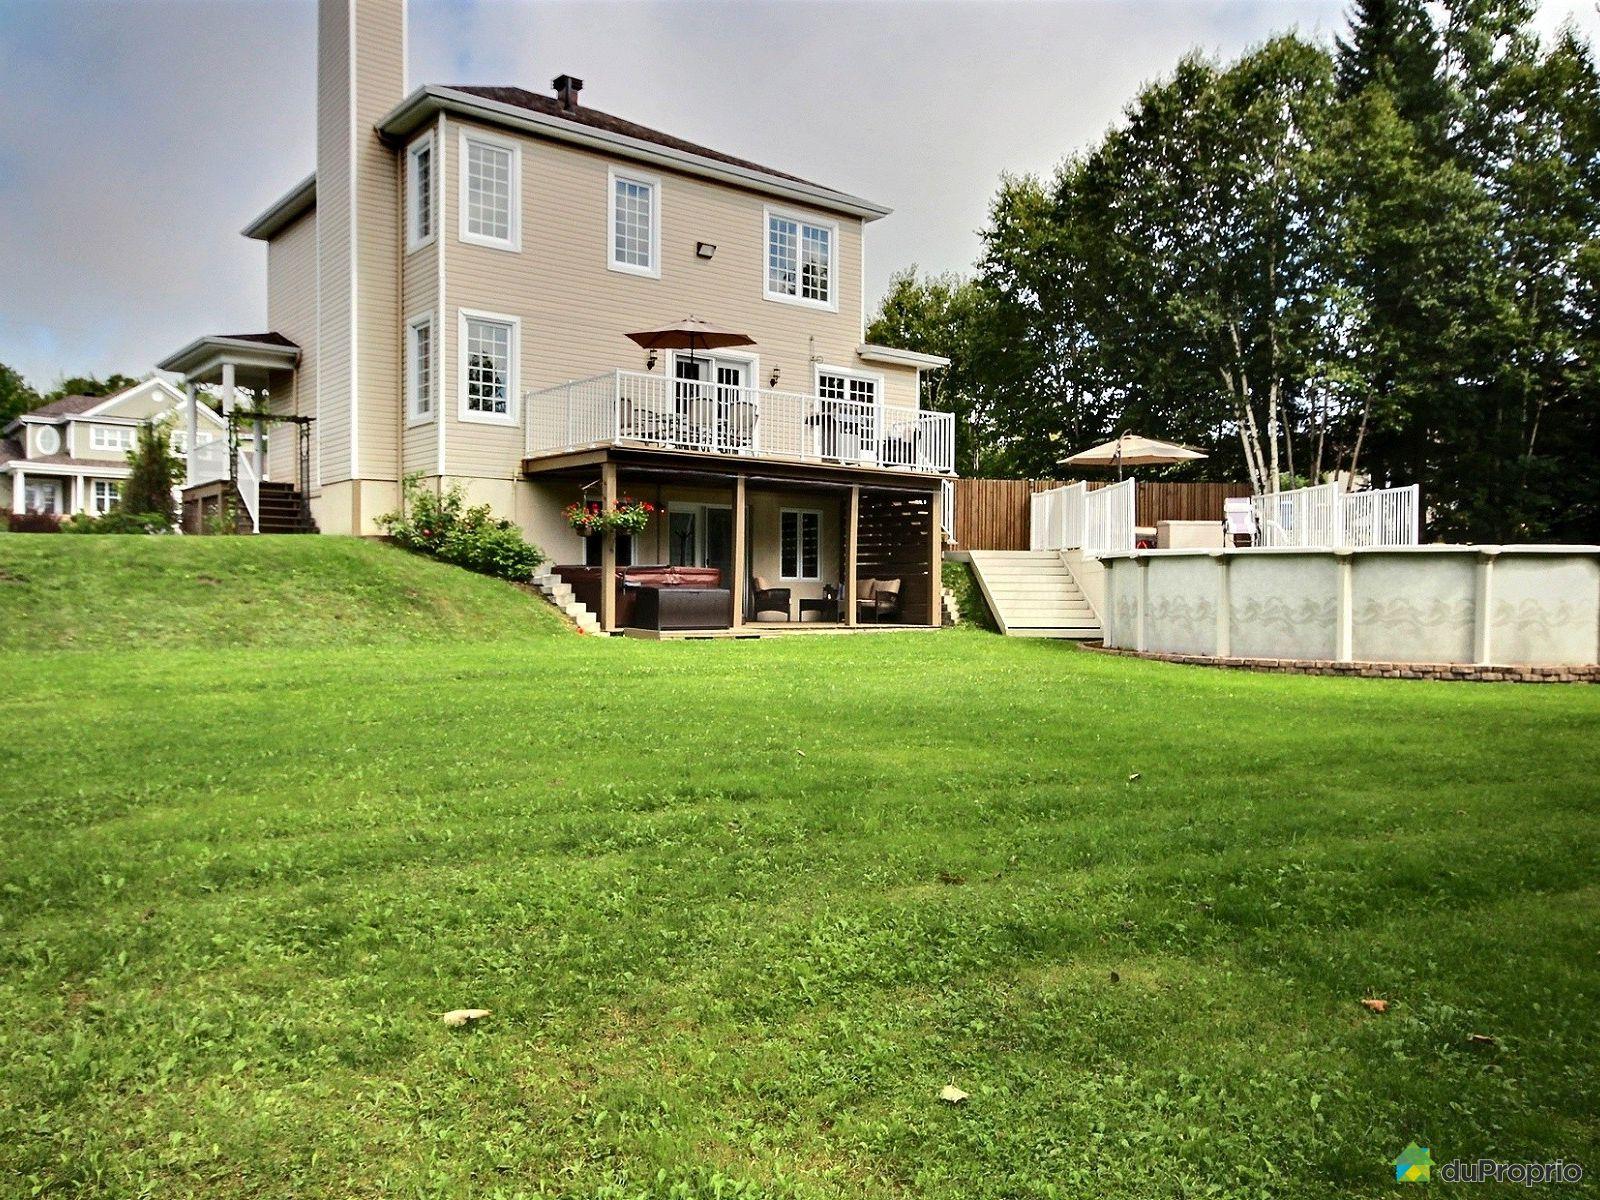 Maison vendre rimouski 97 rue de la pin de immobilier for Auberge de la vieille maison rimouski qc